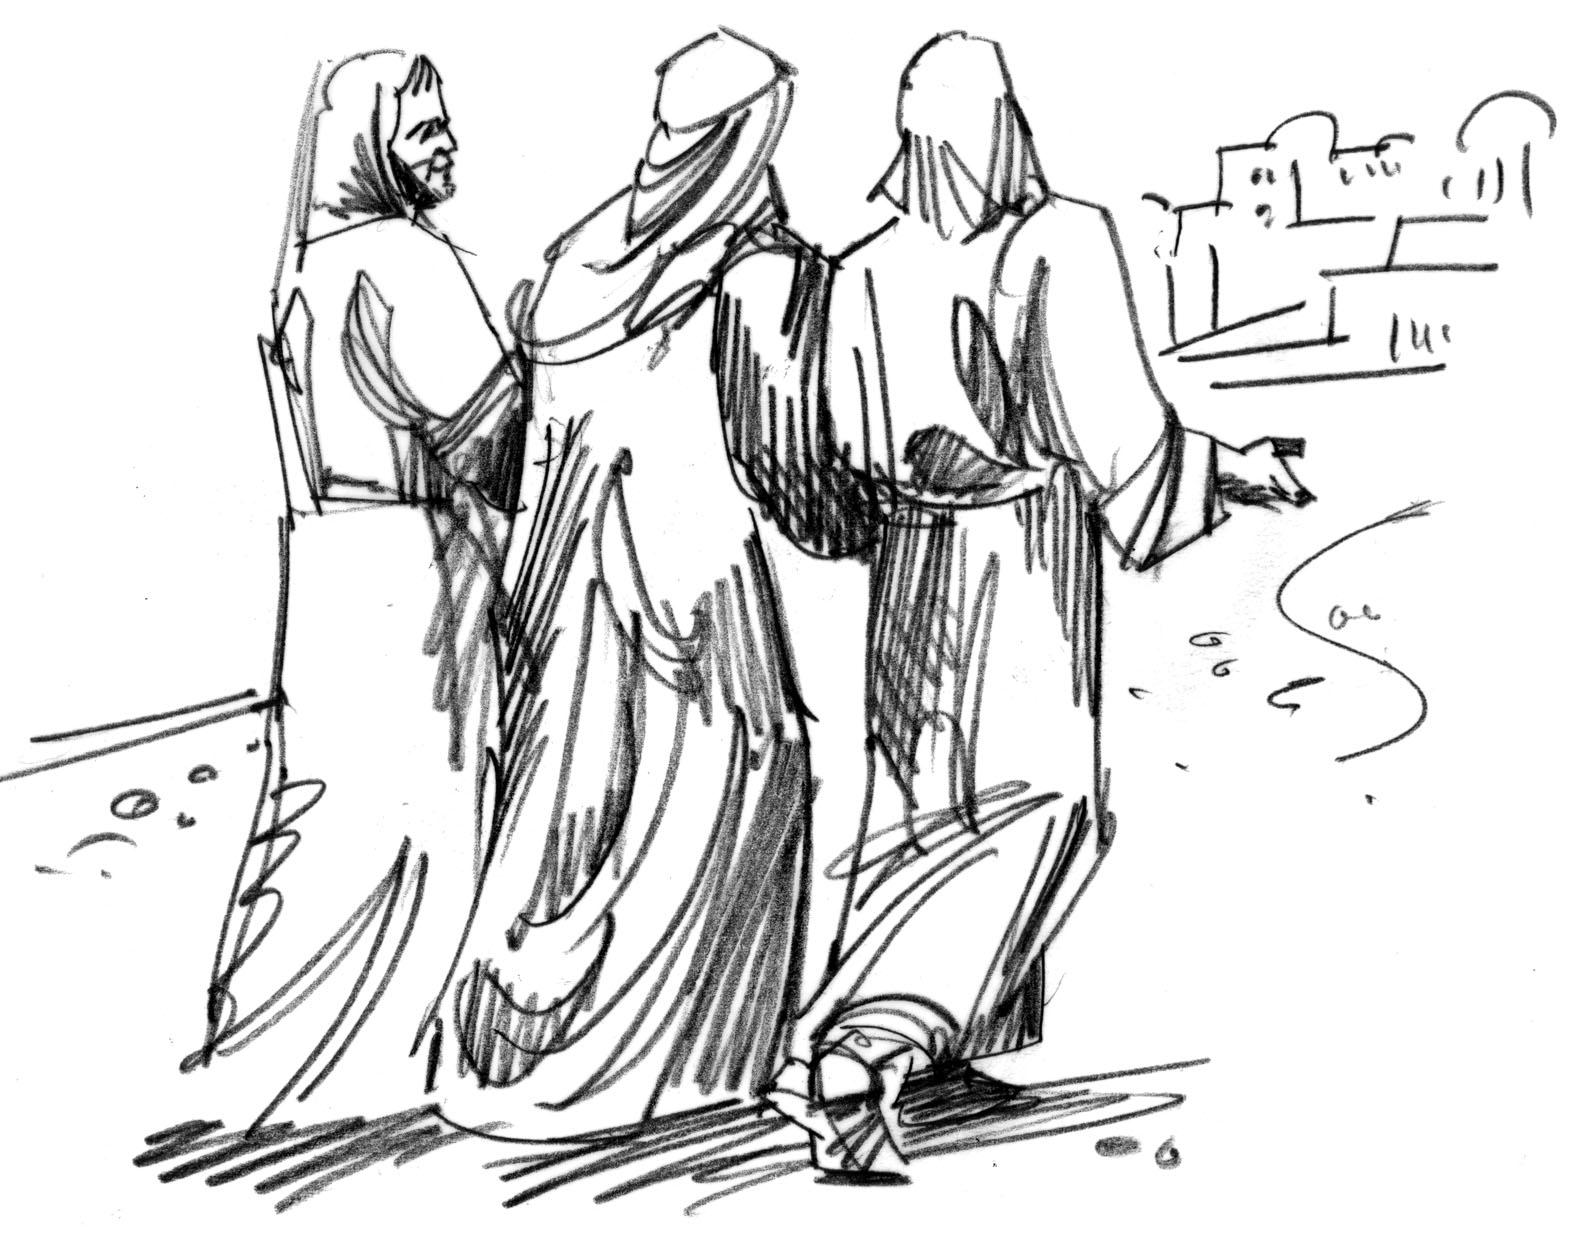 Os discípulos no caminho de Emaús (Lucas 24.13-35) [Renato Küntzer]